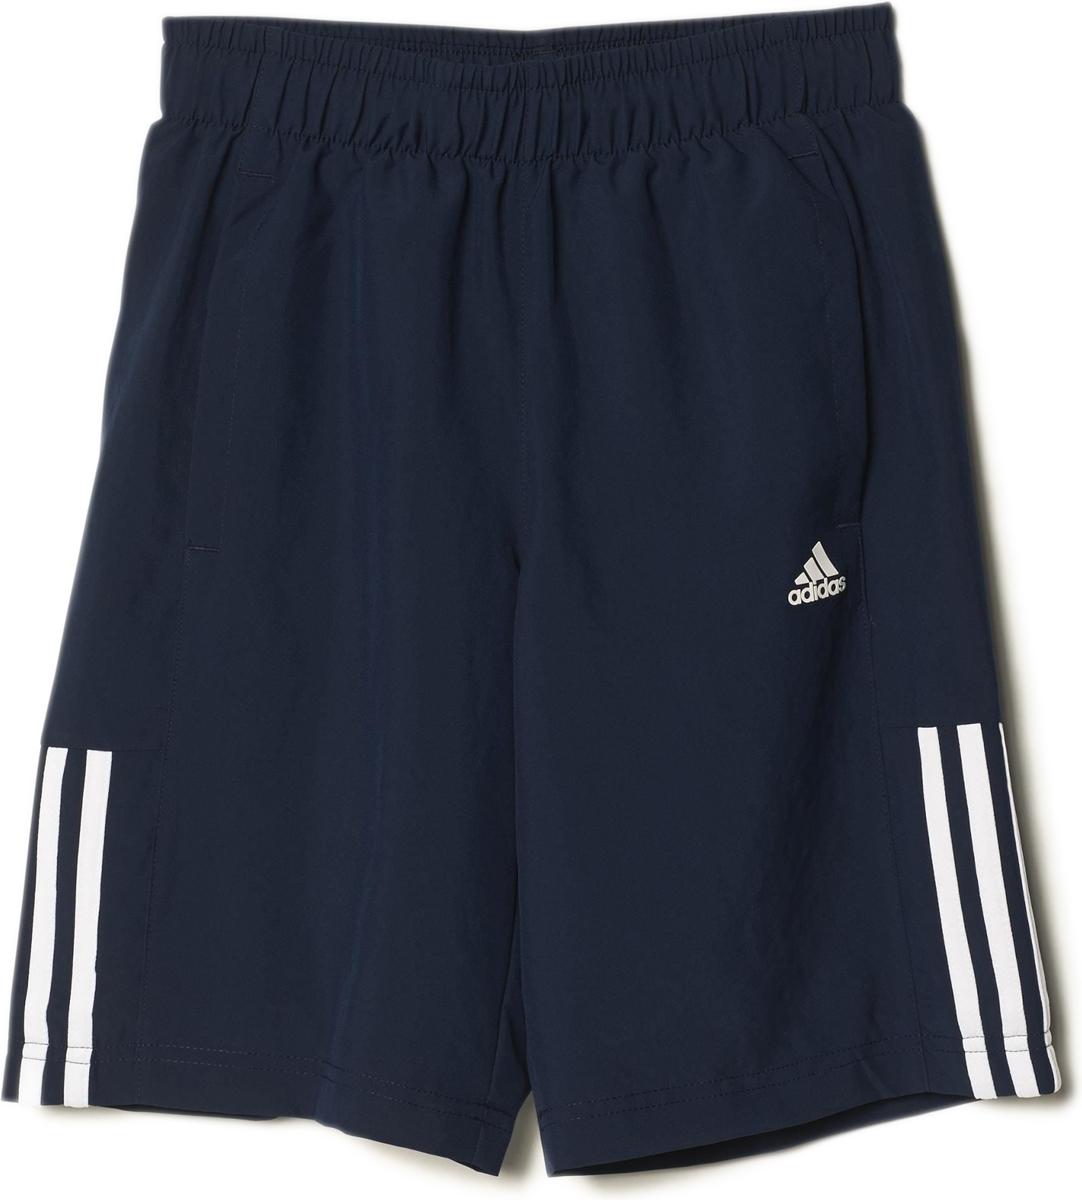 Шорты для мальчика Adidas Yb Ess M3s Wvsh, цвет: черный. AB6025. Размер 164